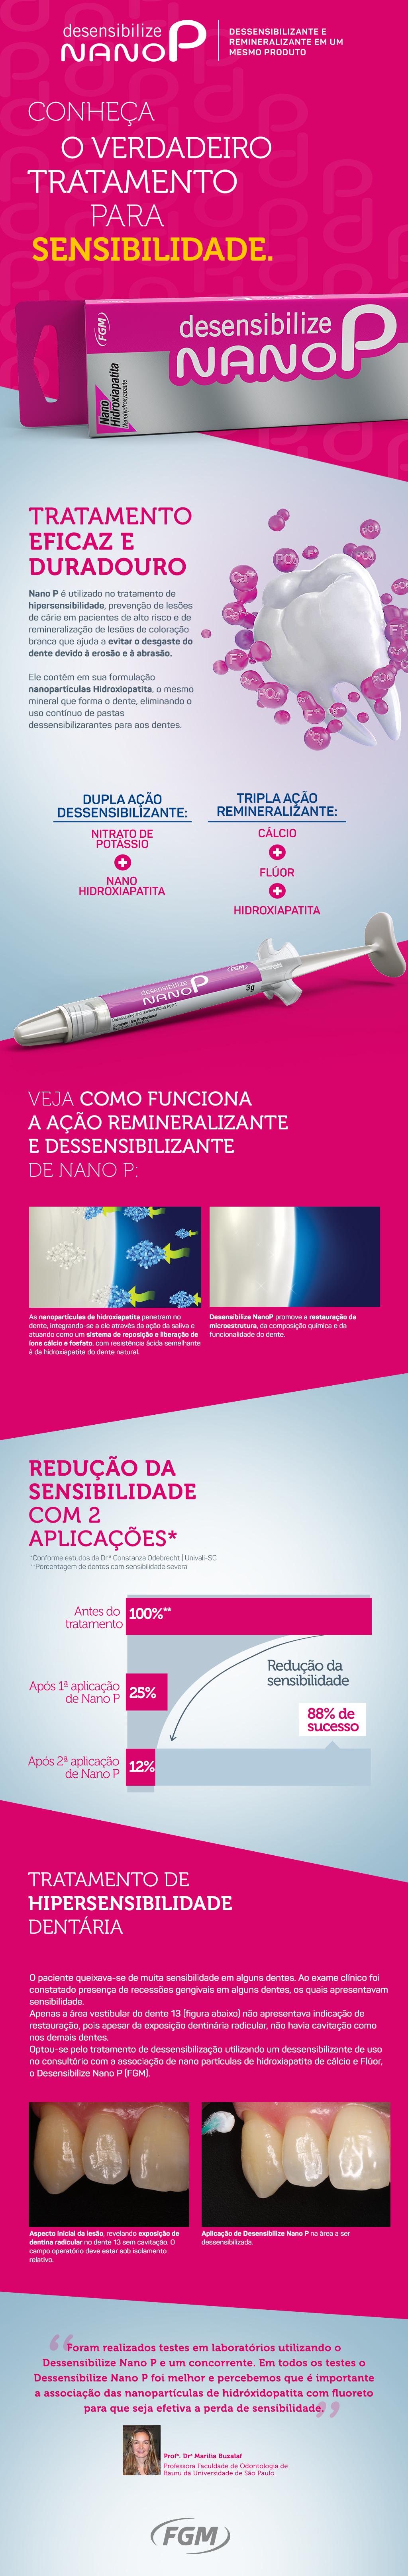 Infográfico do produto Dessensibilizante Desensibilize Nano P